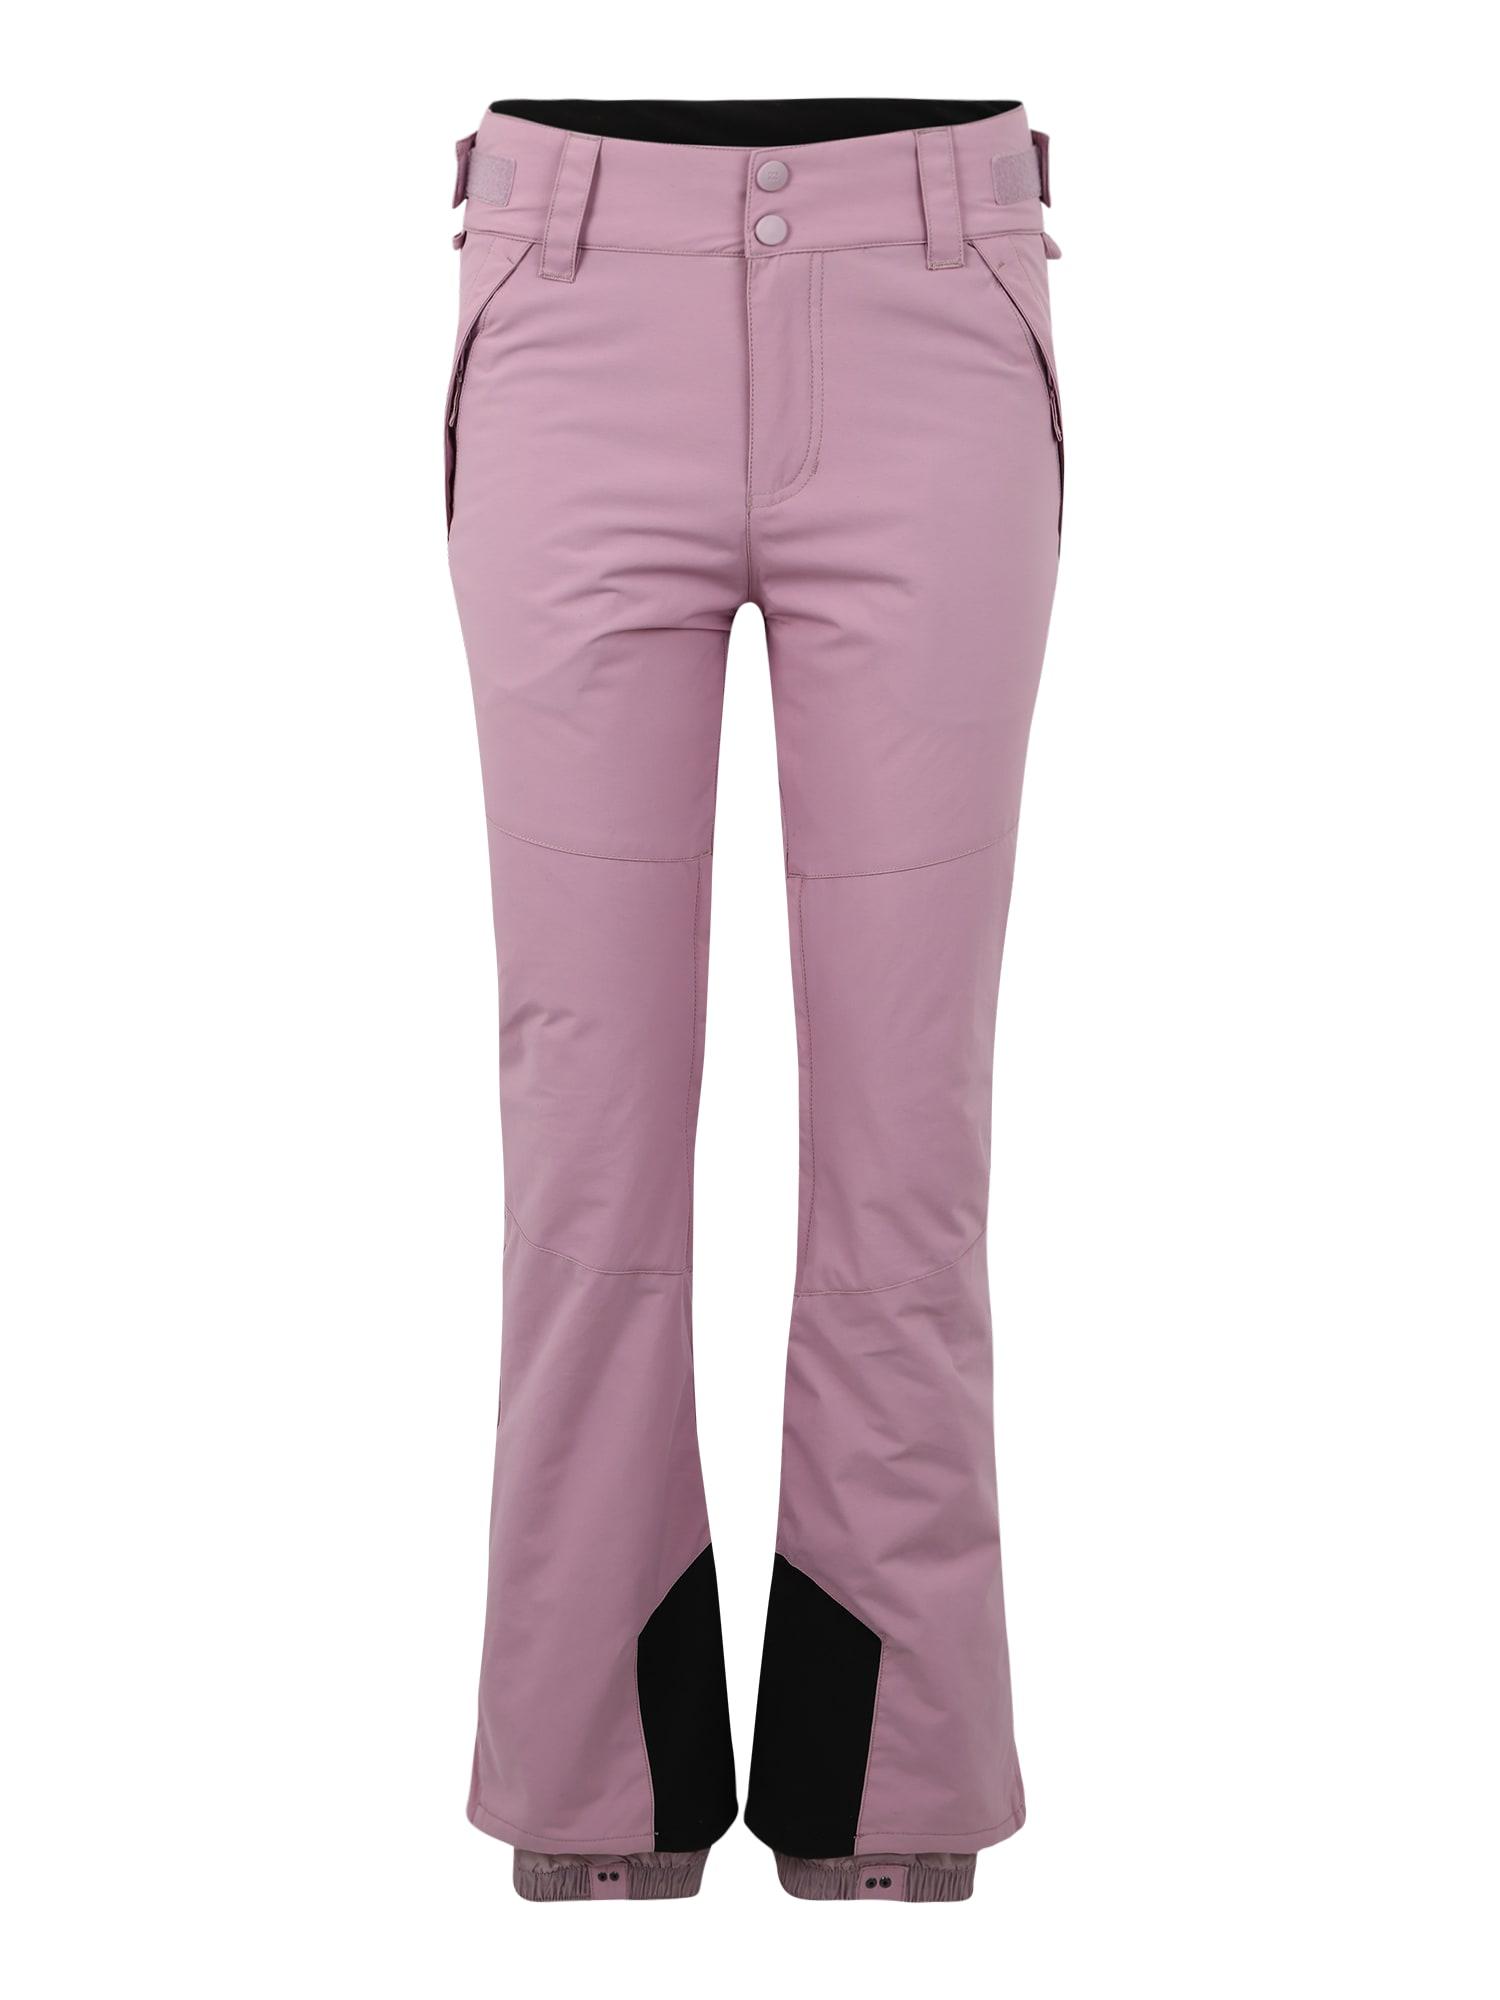 BILLABONG Sportinės kelnės 'Malla' rožių spalva